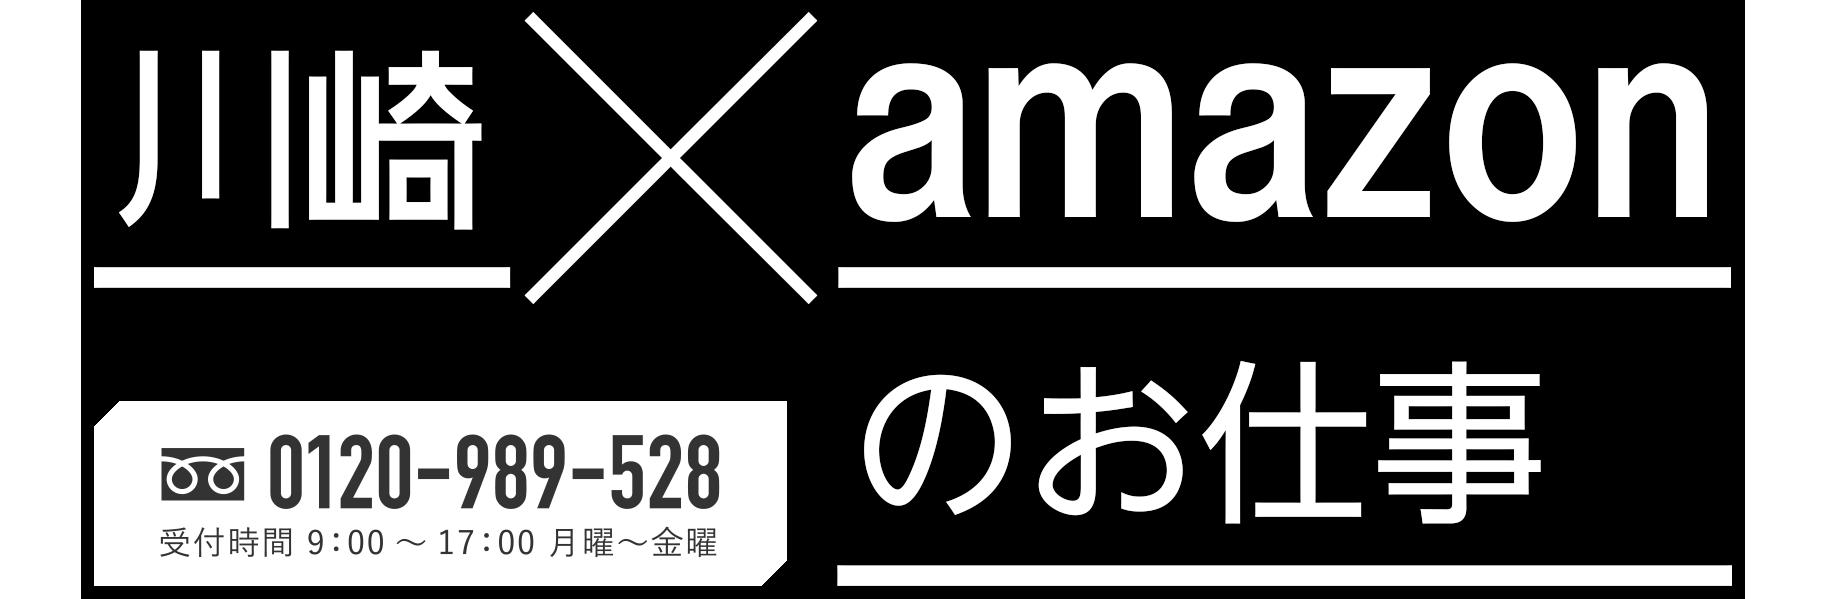 川崎アマゾンで働く!|川崎